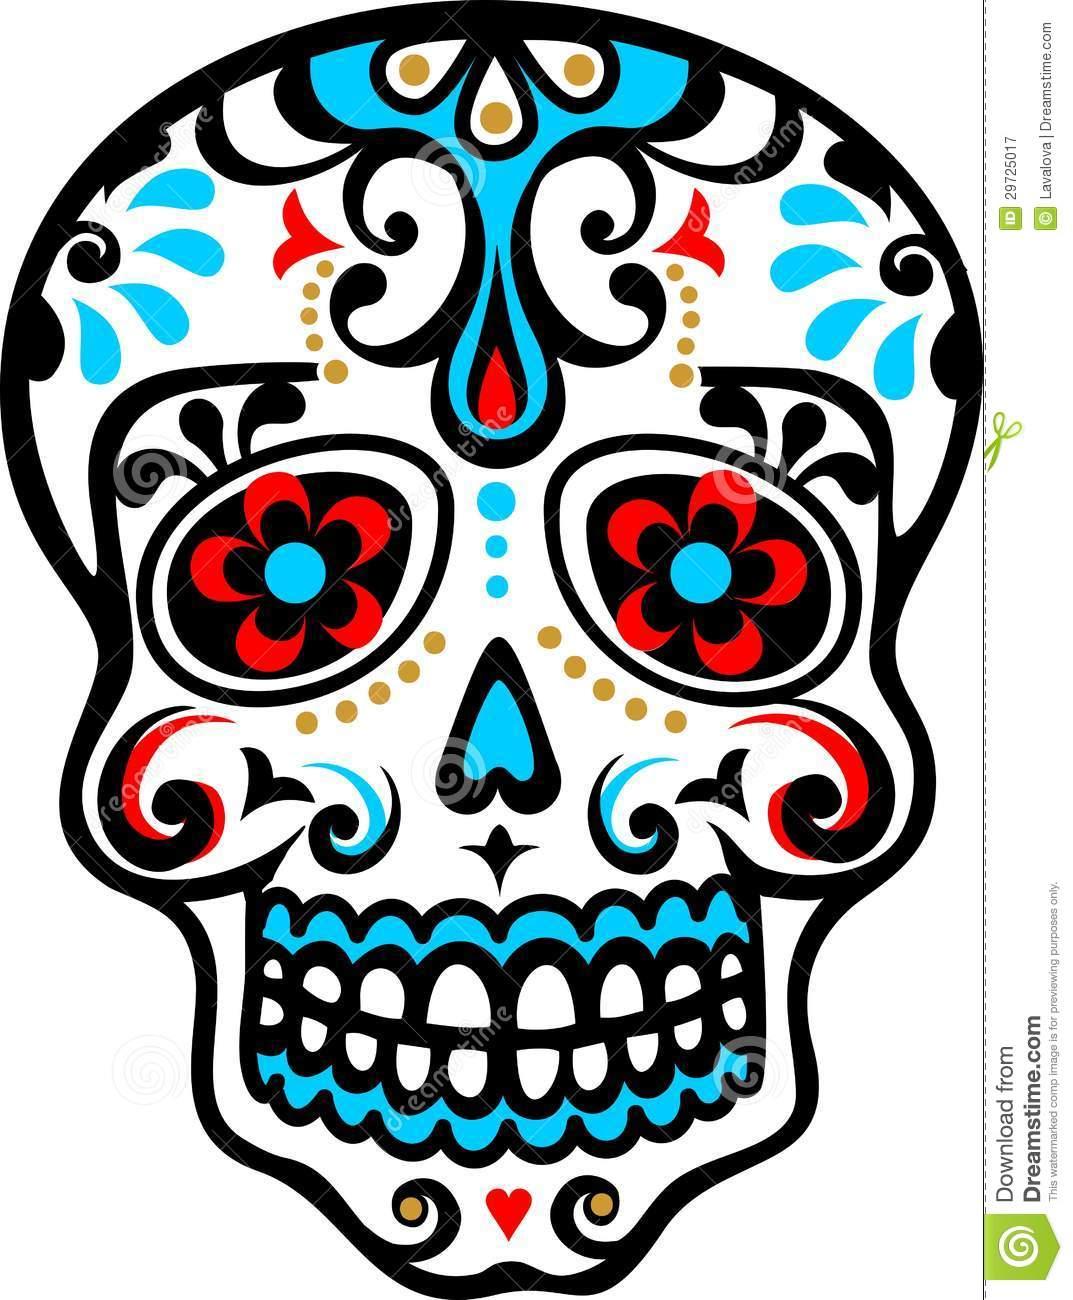 Ssckull clipart dia de los muertos skull El de skull free printables